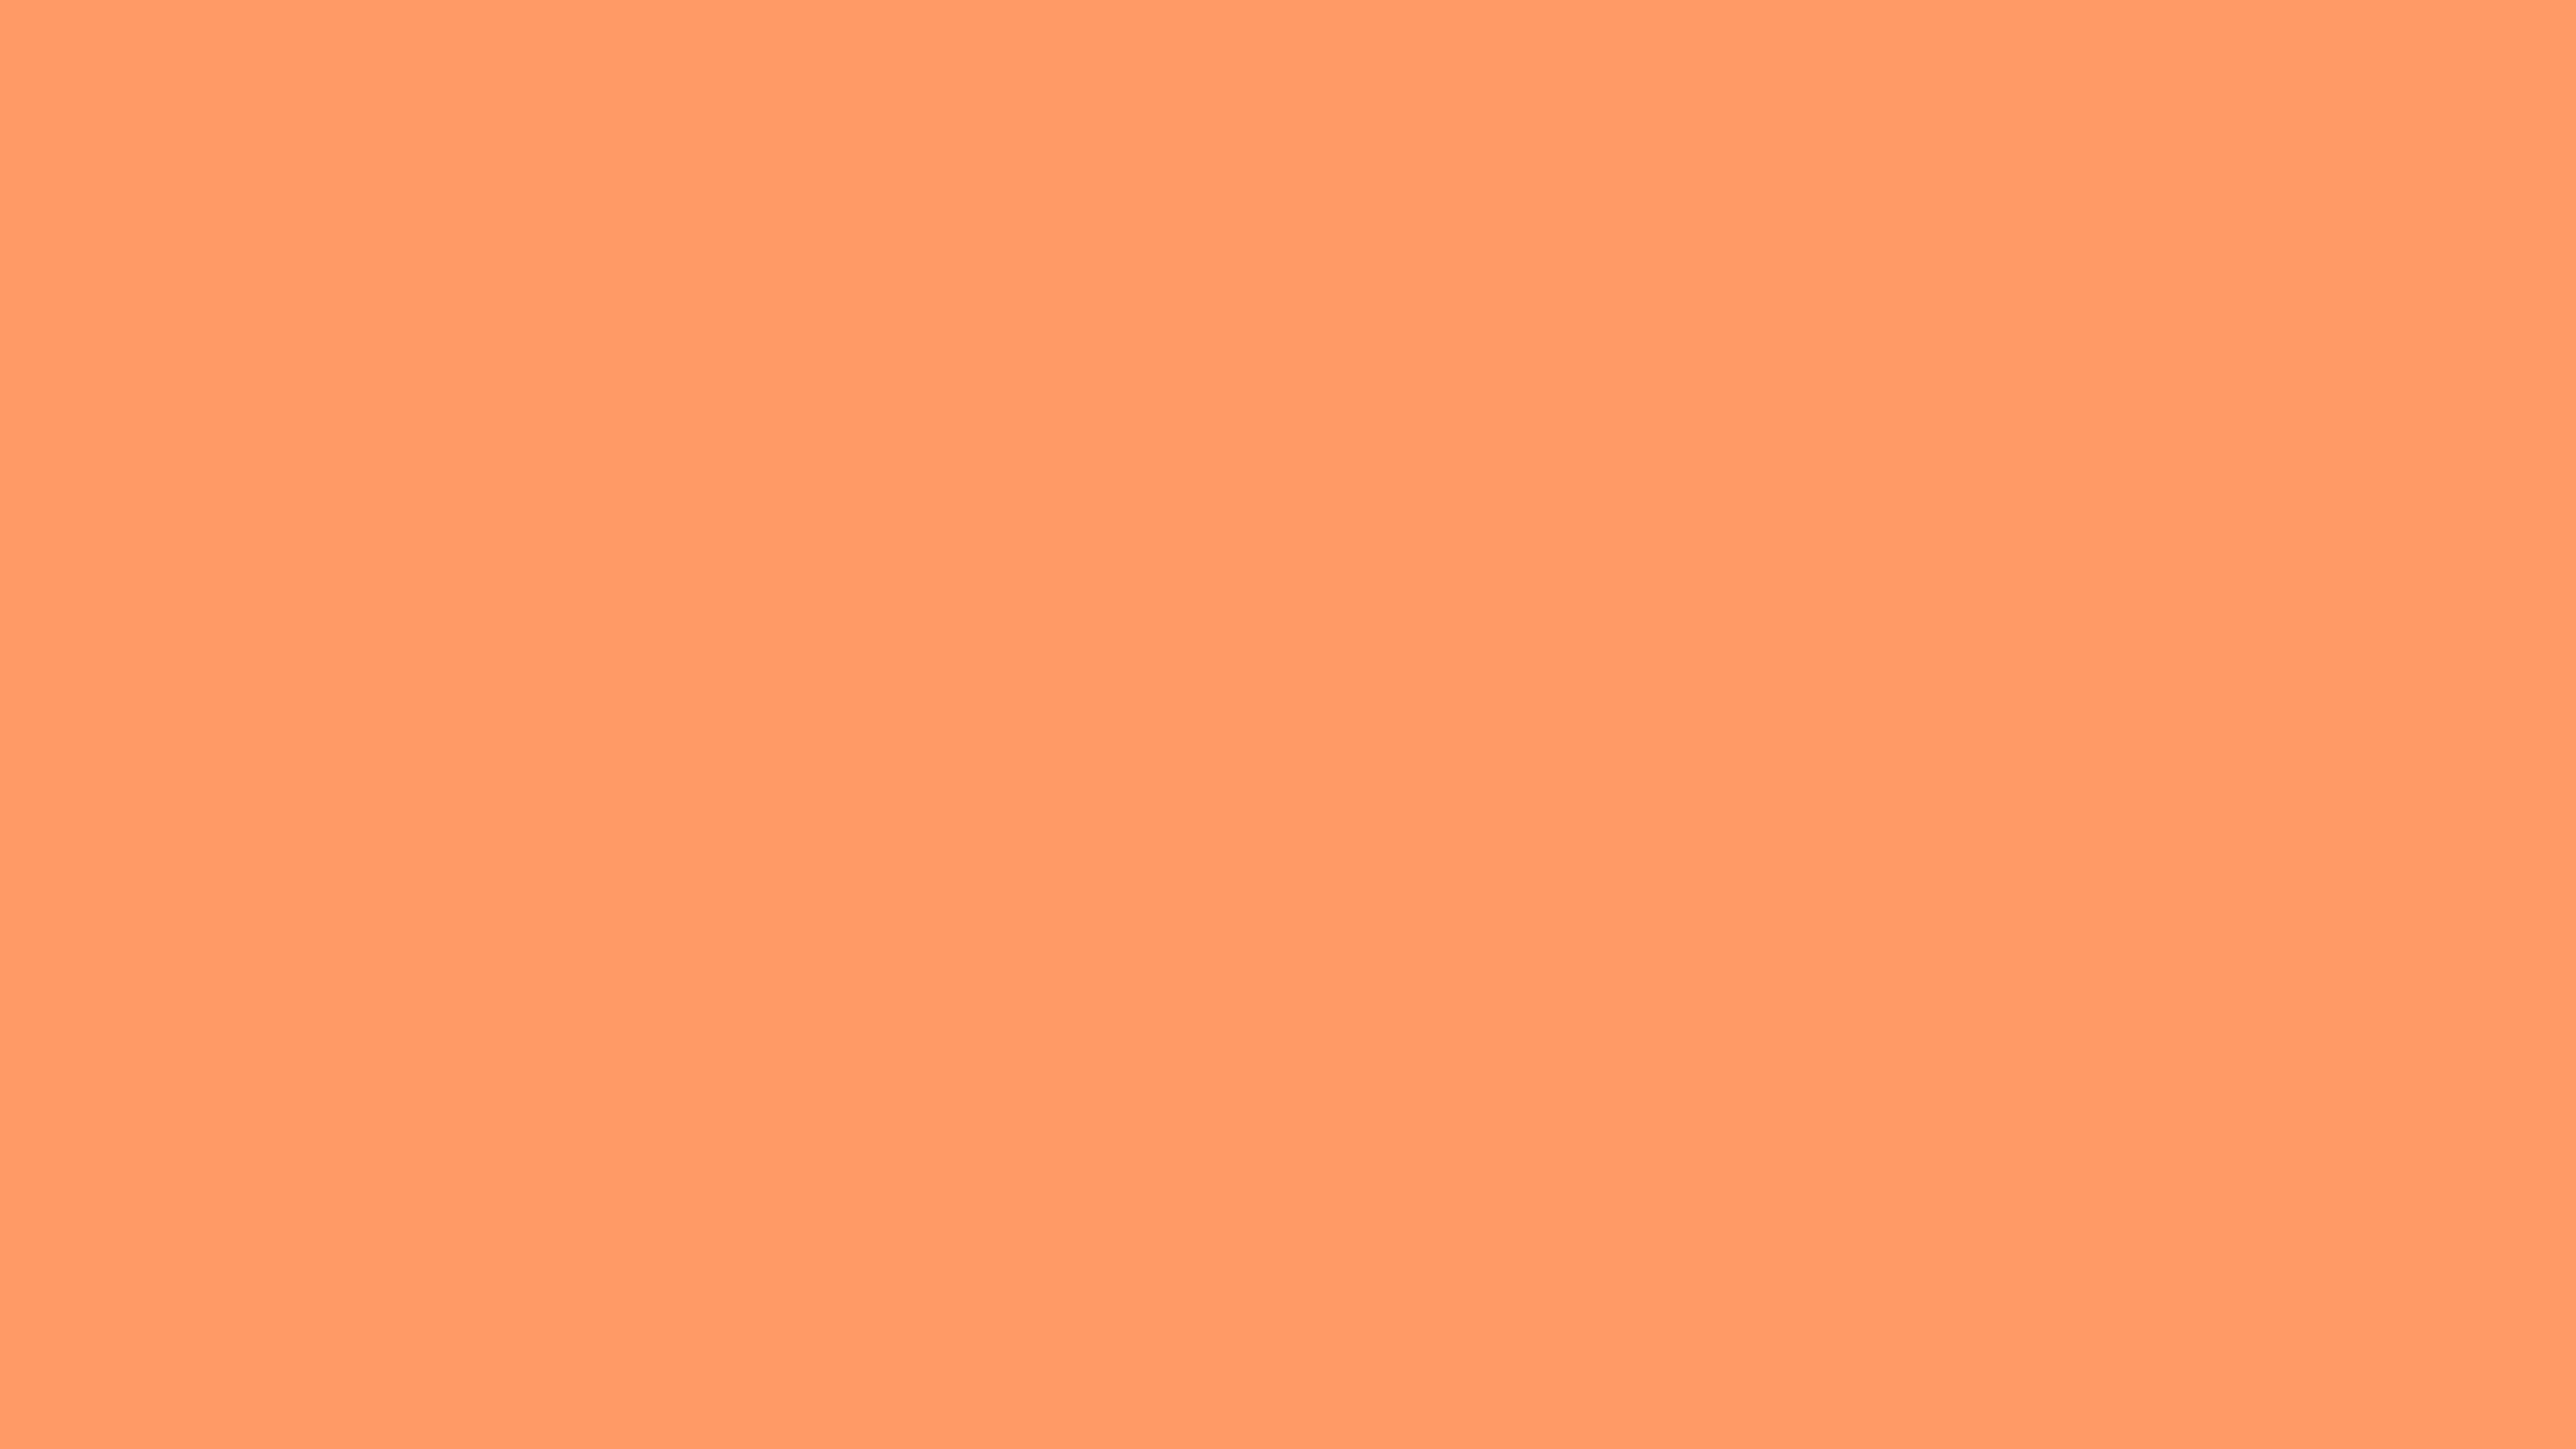 4096x2304 Pink-orange Solid Color Background